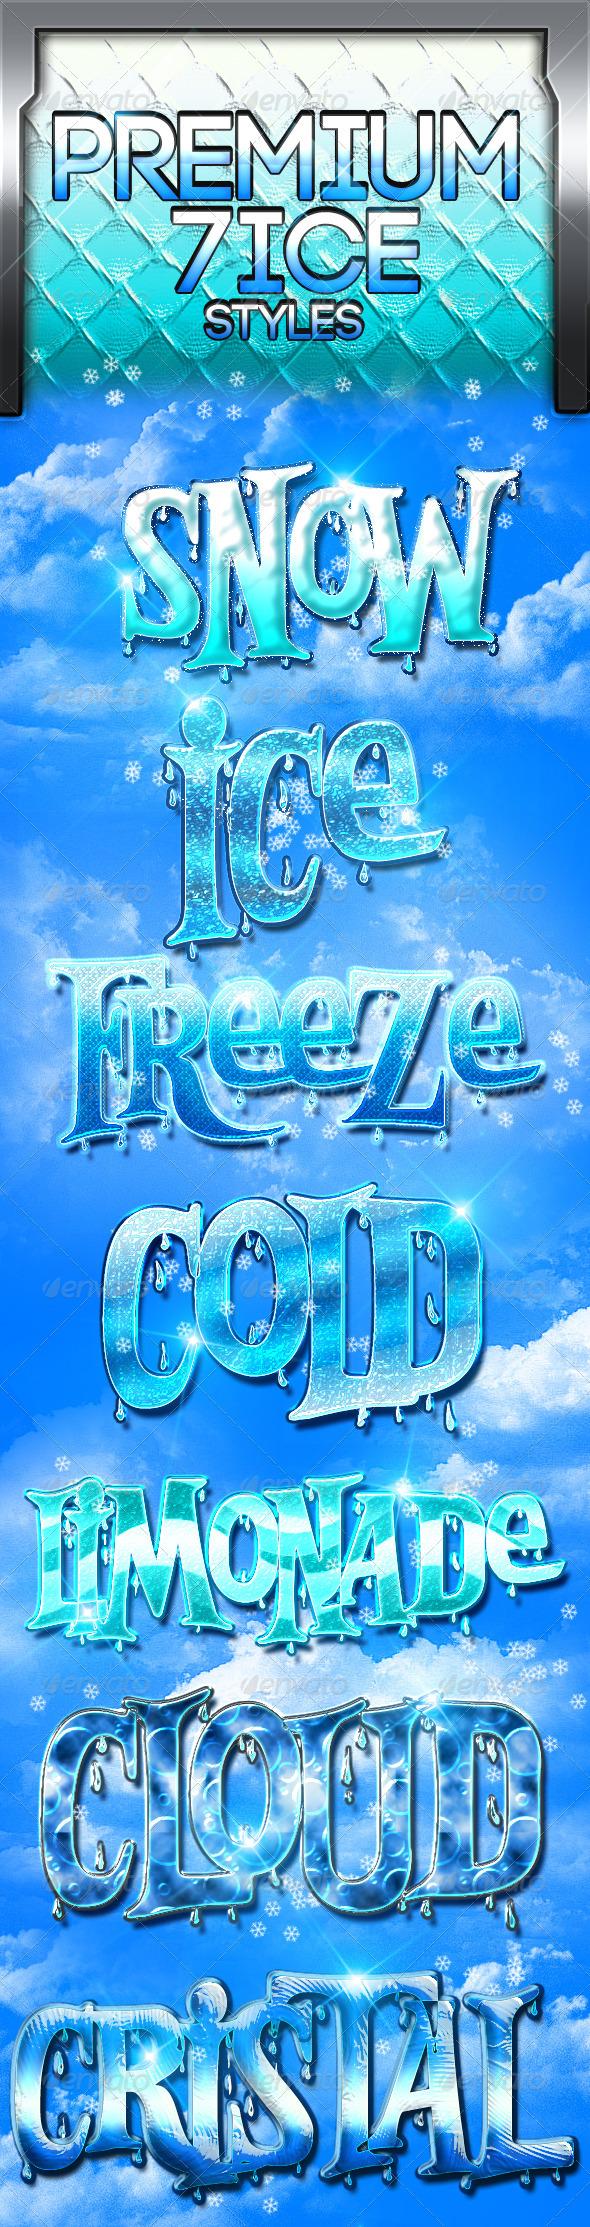 GraphicRiver Premium 5 Ice Styles 3651740